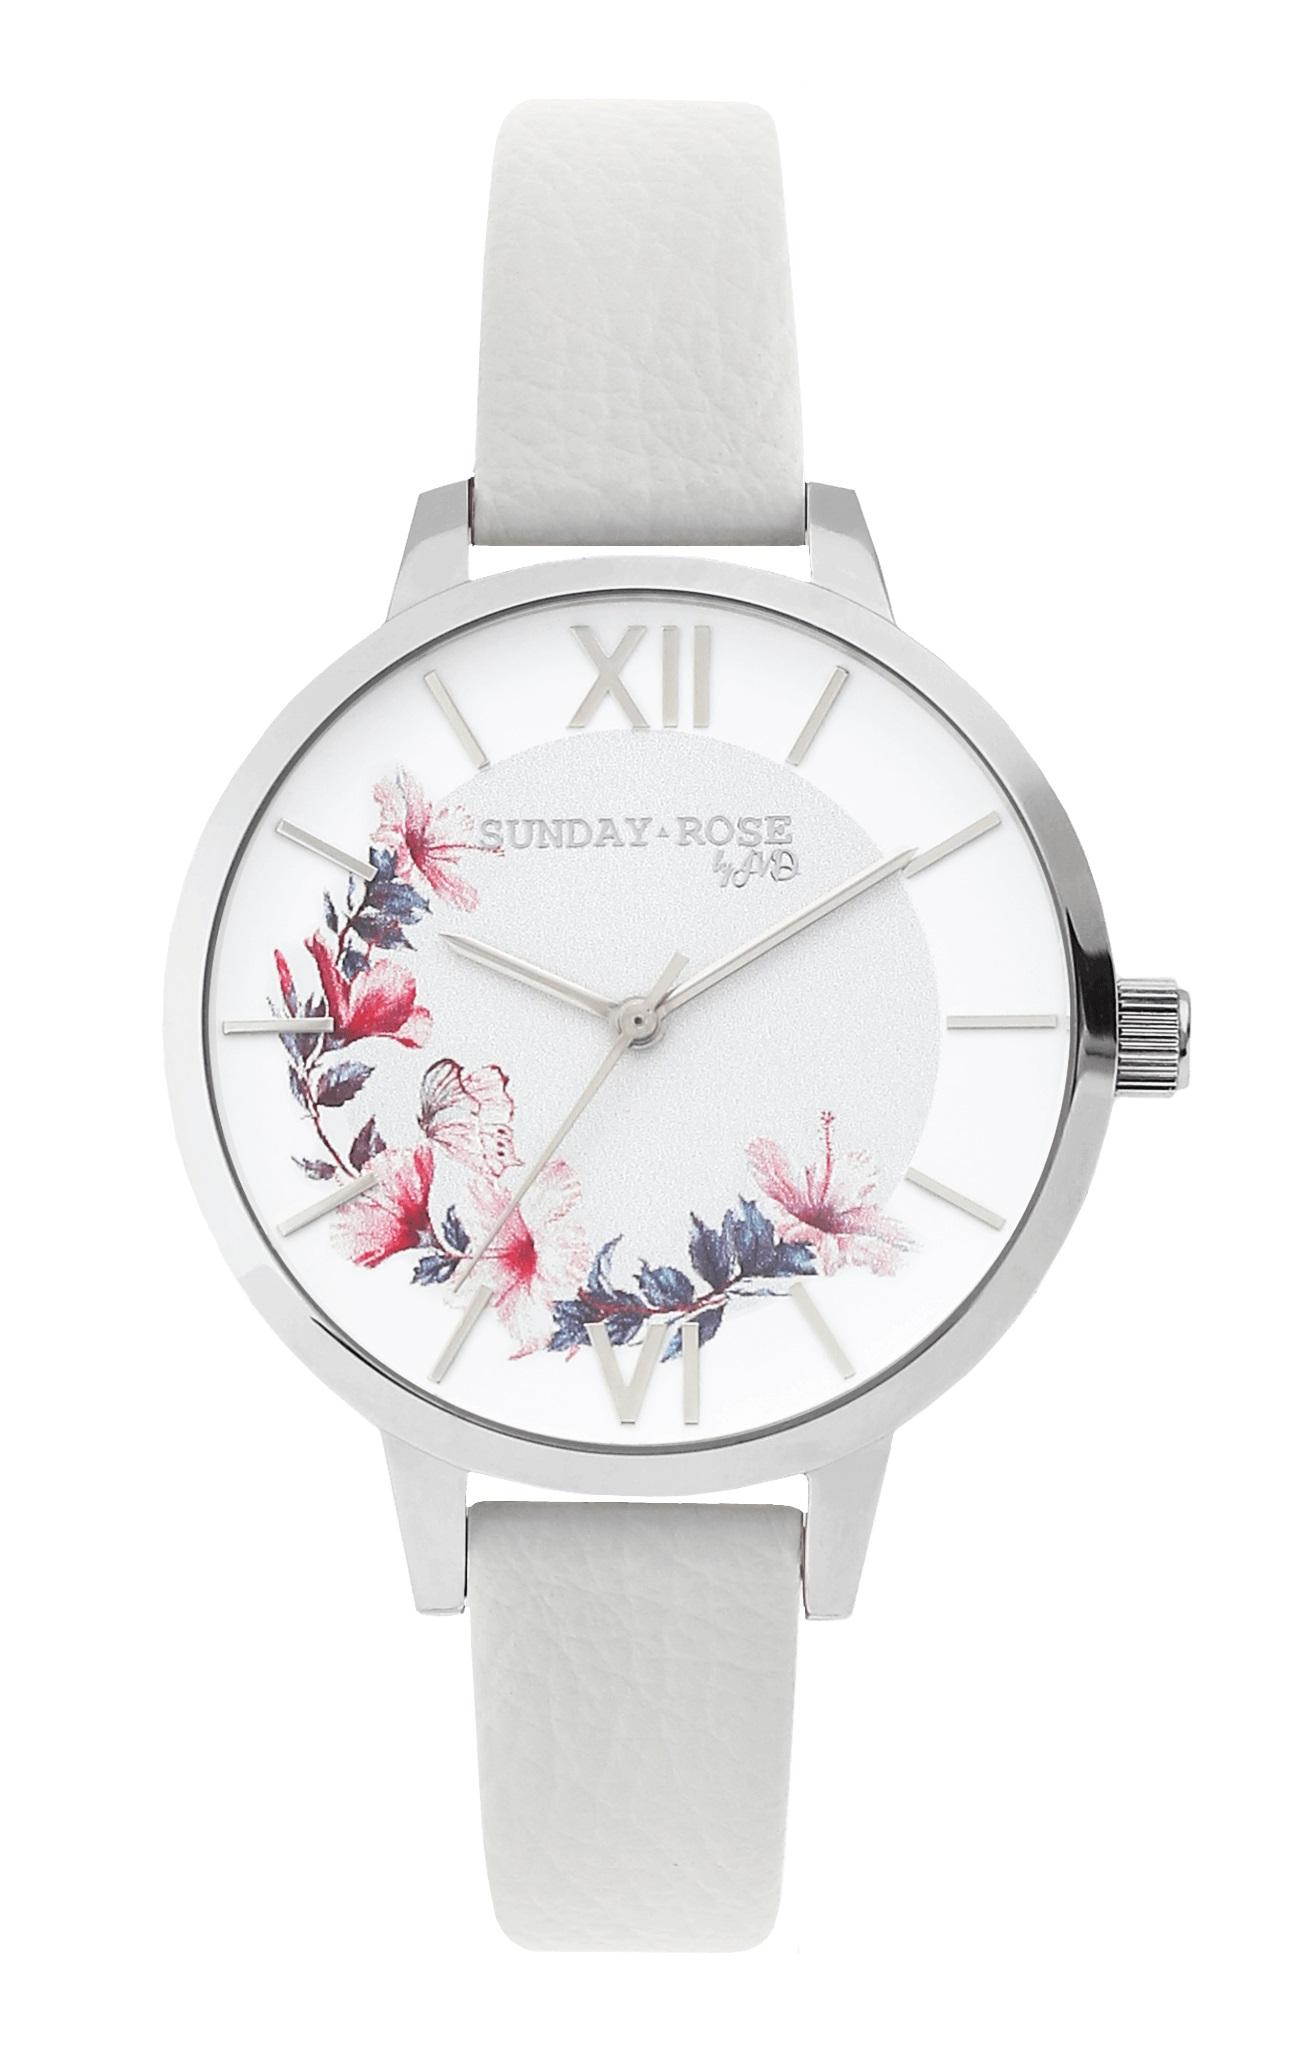 35396779e8c Dámské luxusní designové hodinky SUNDAY ROSE Spirit WILDFLOWER ...